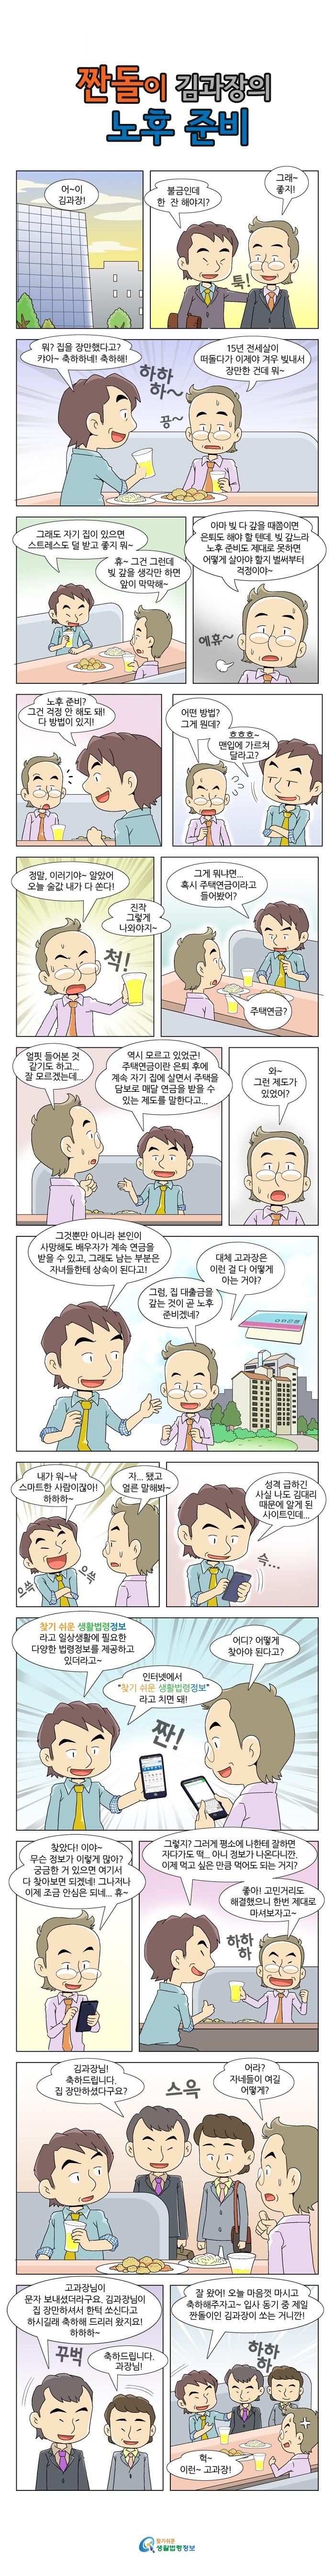 <제28화> 짠돌이 김과장의 노후 준비